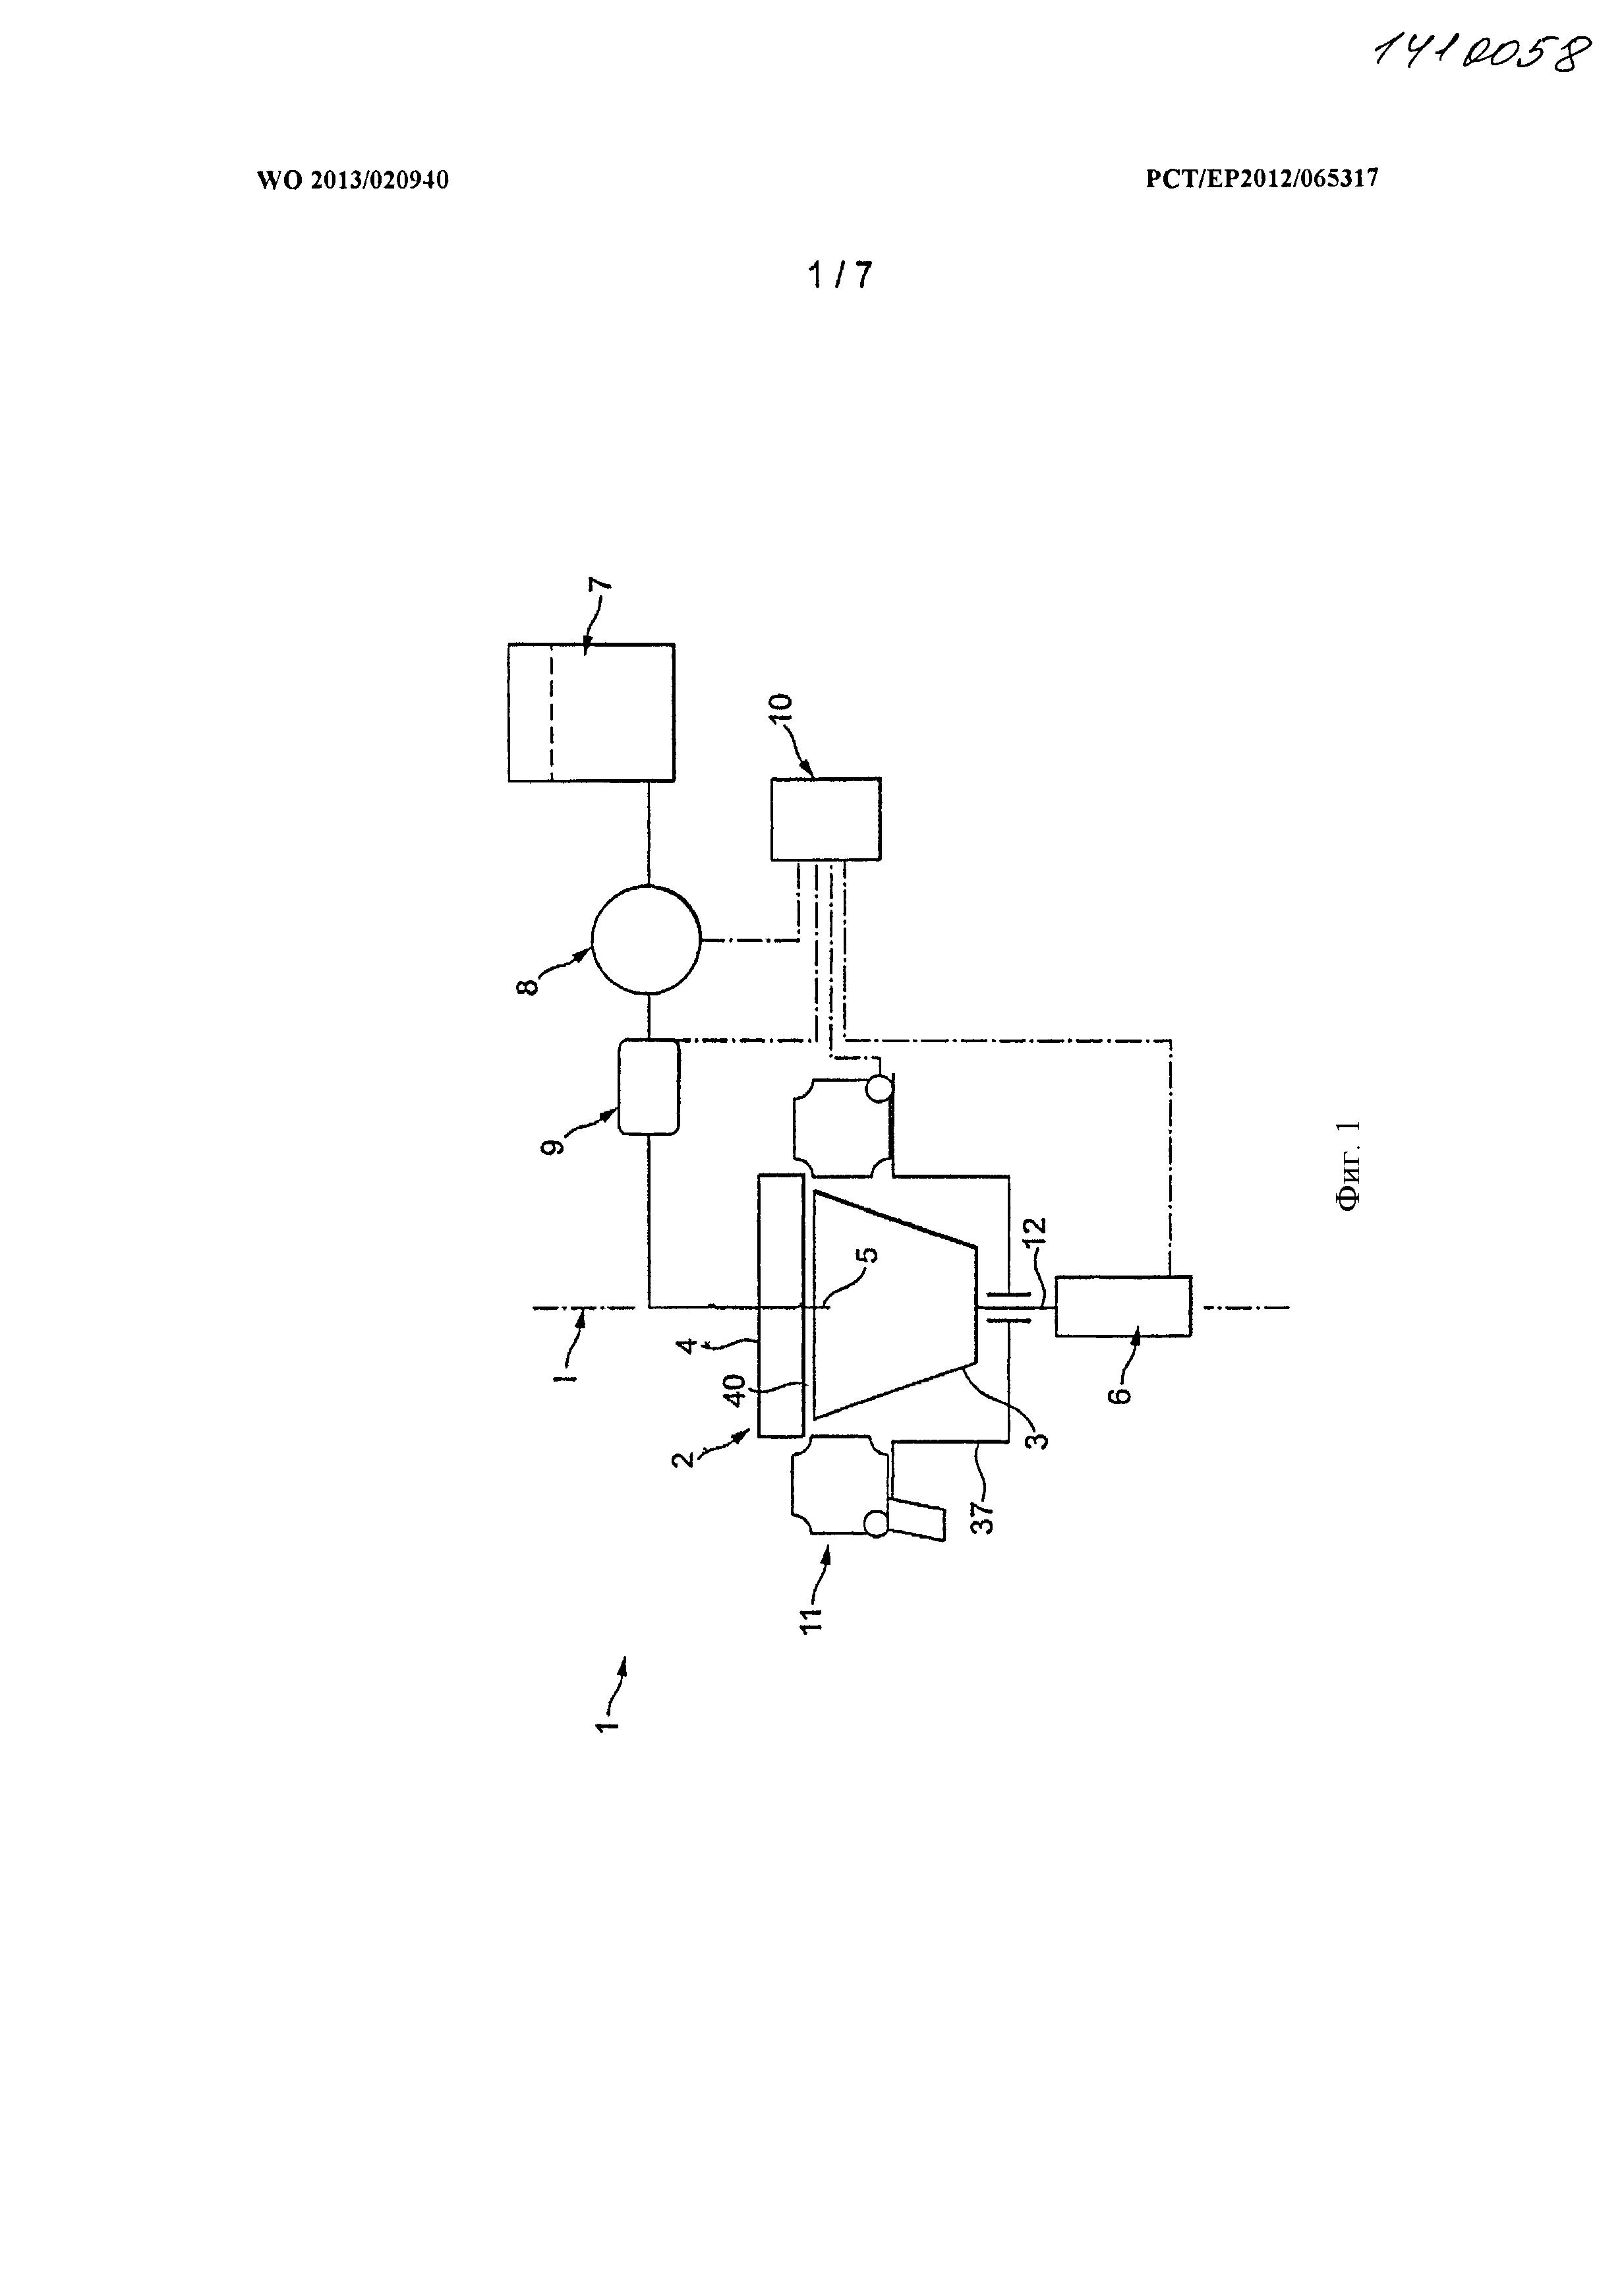 Коллектор напитка для улавливания центрифугированной жидкости и центрифужная машина для приготовления напитков с таким коллектором